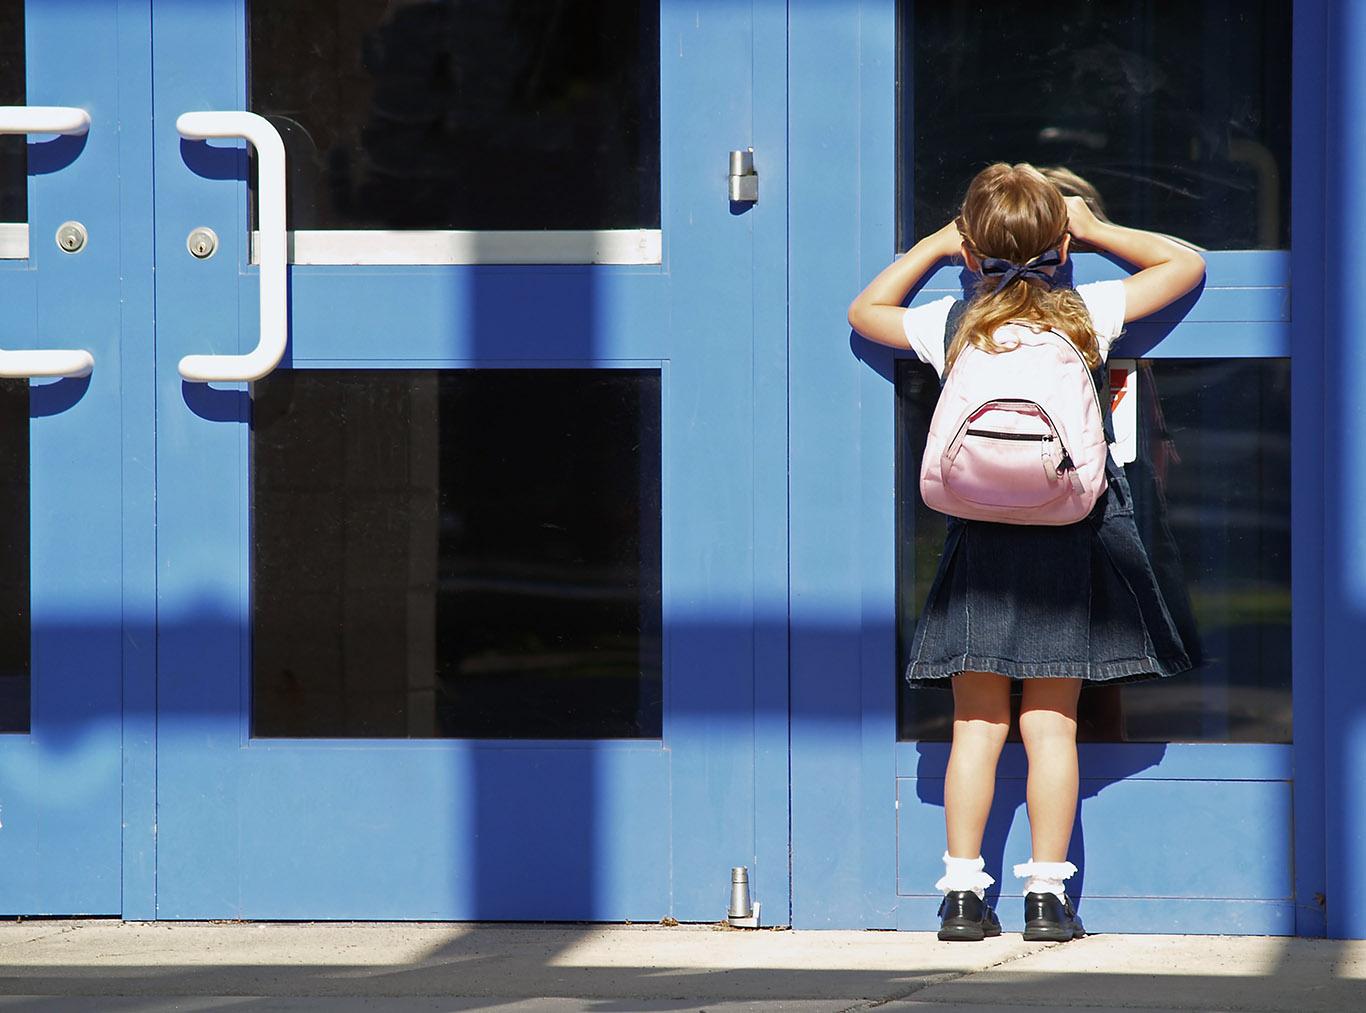 New student at school door.